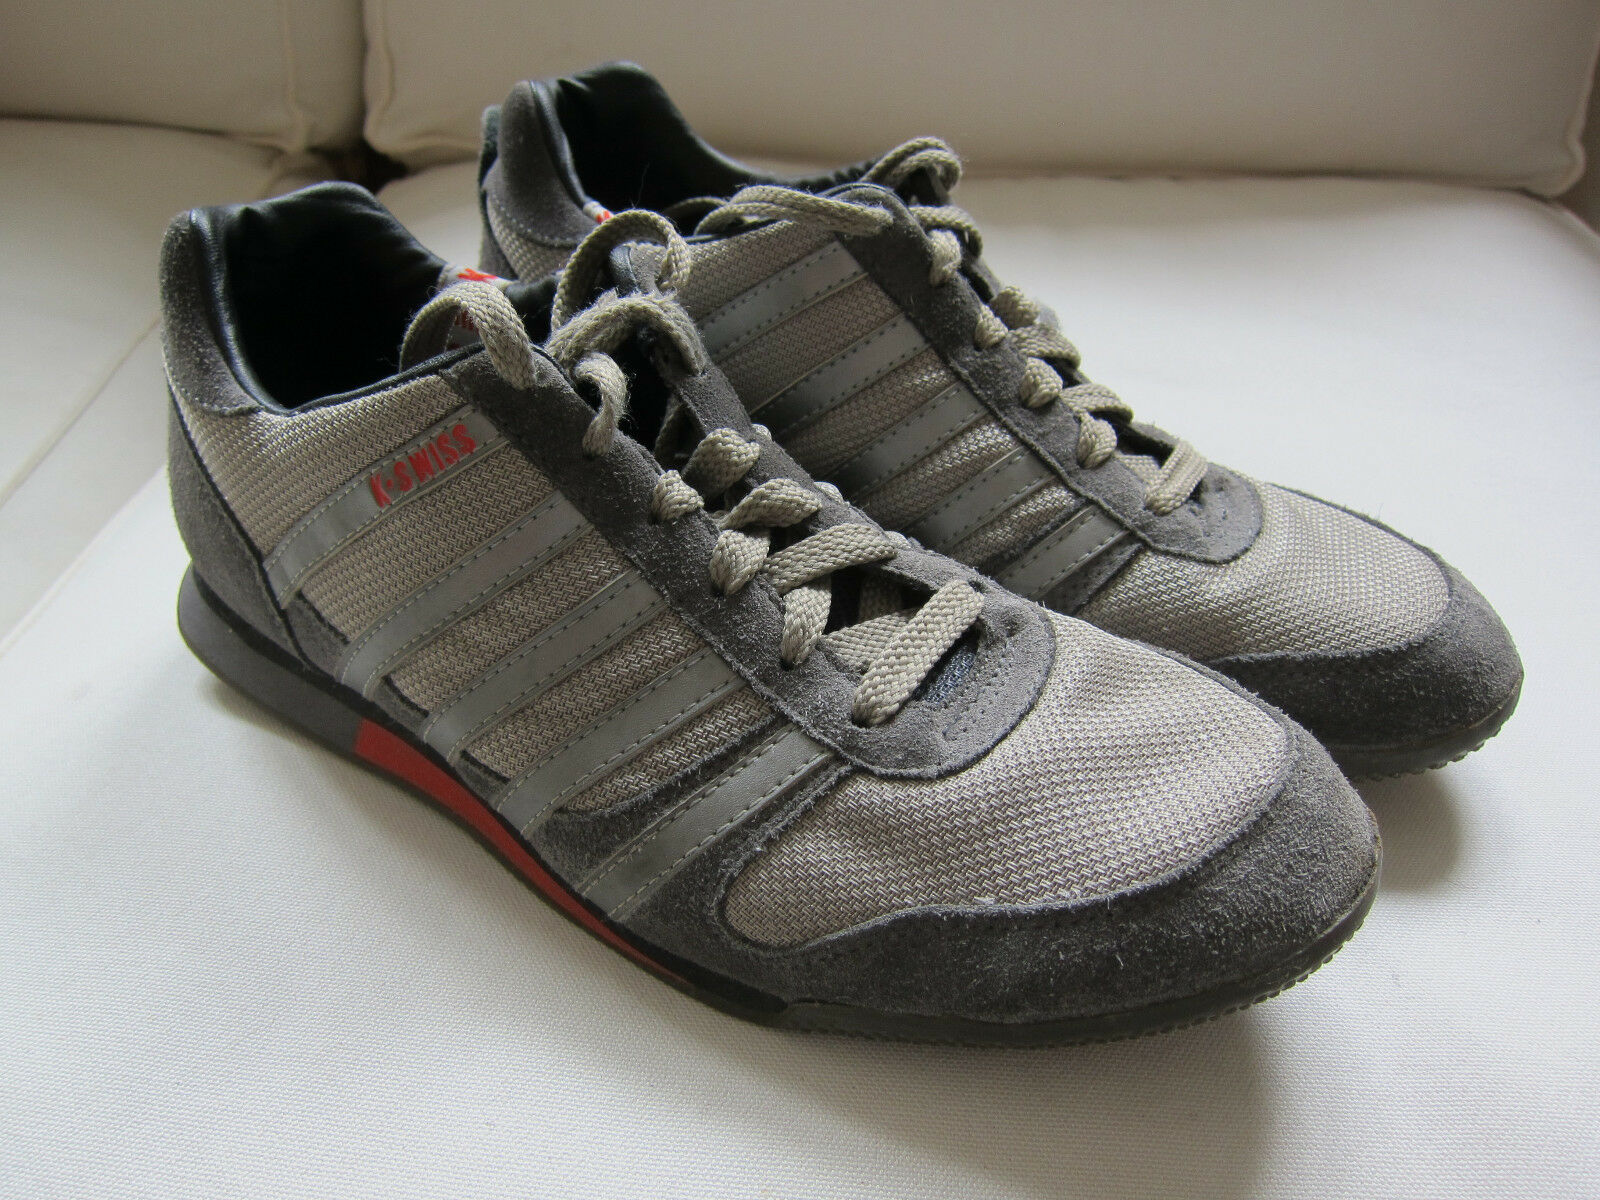 Herren K-Swiss Sneaker retro Größe 42 (